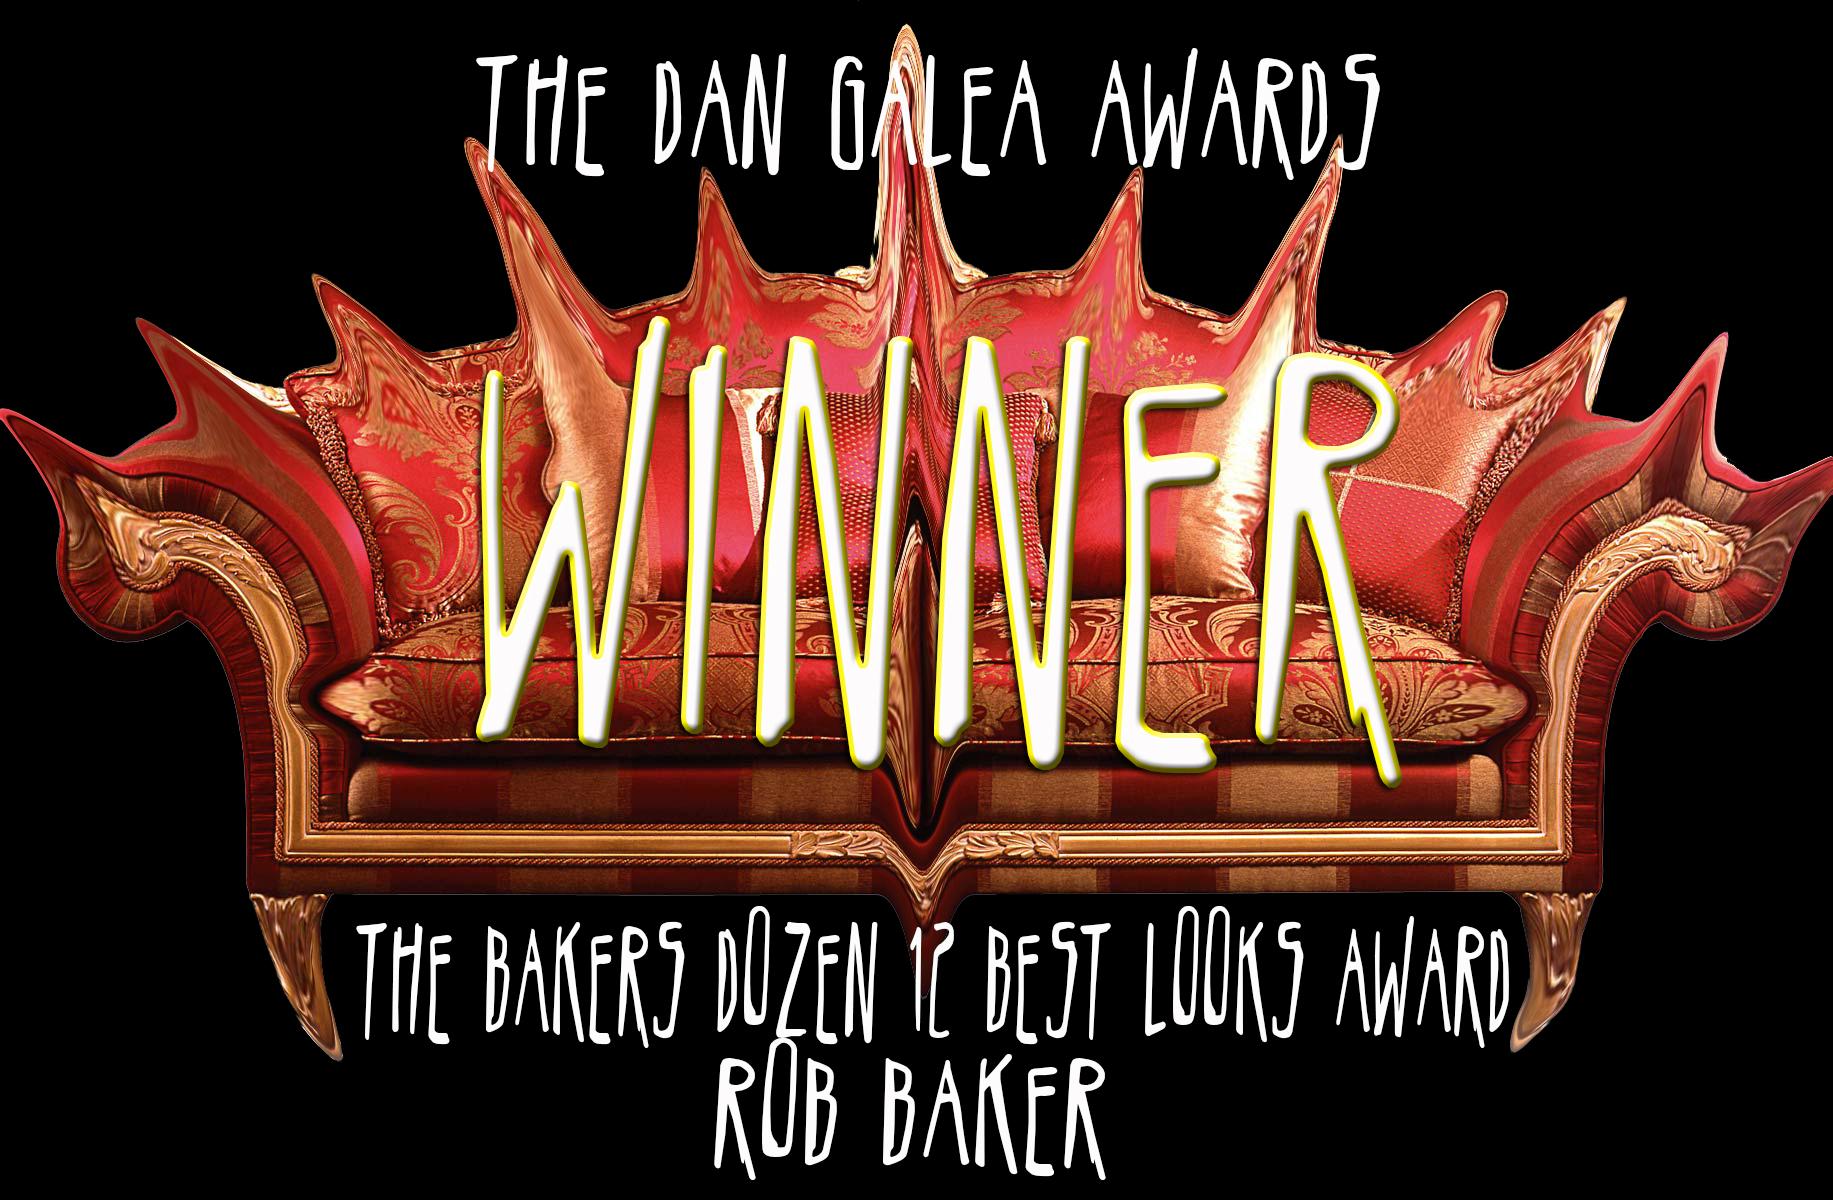 DGawards Rob Baker.jpg